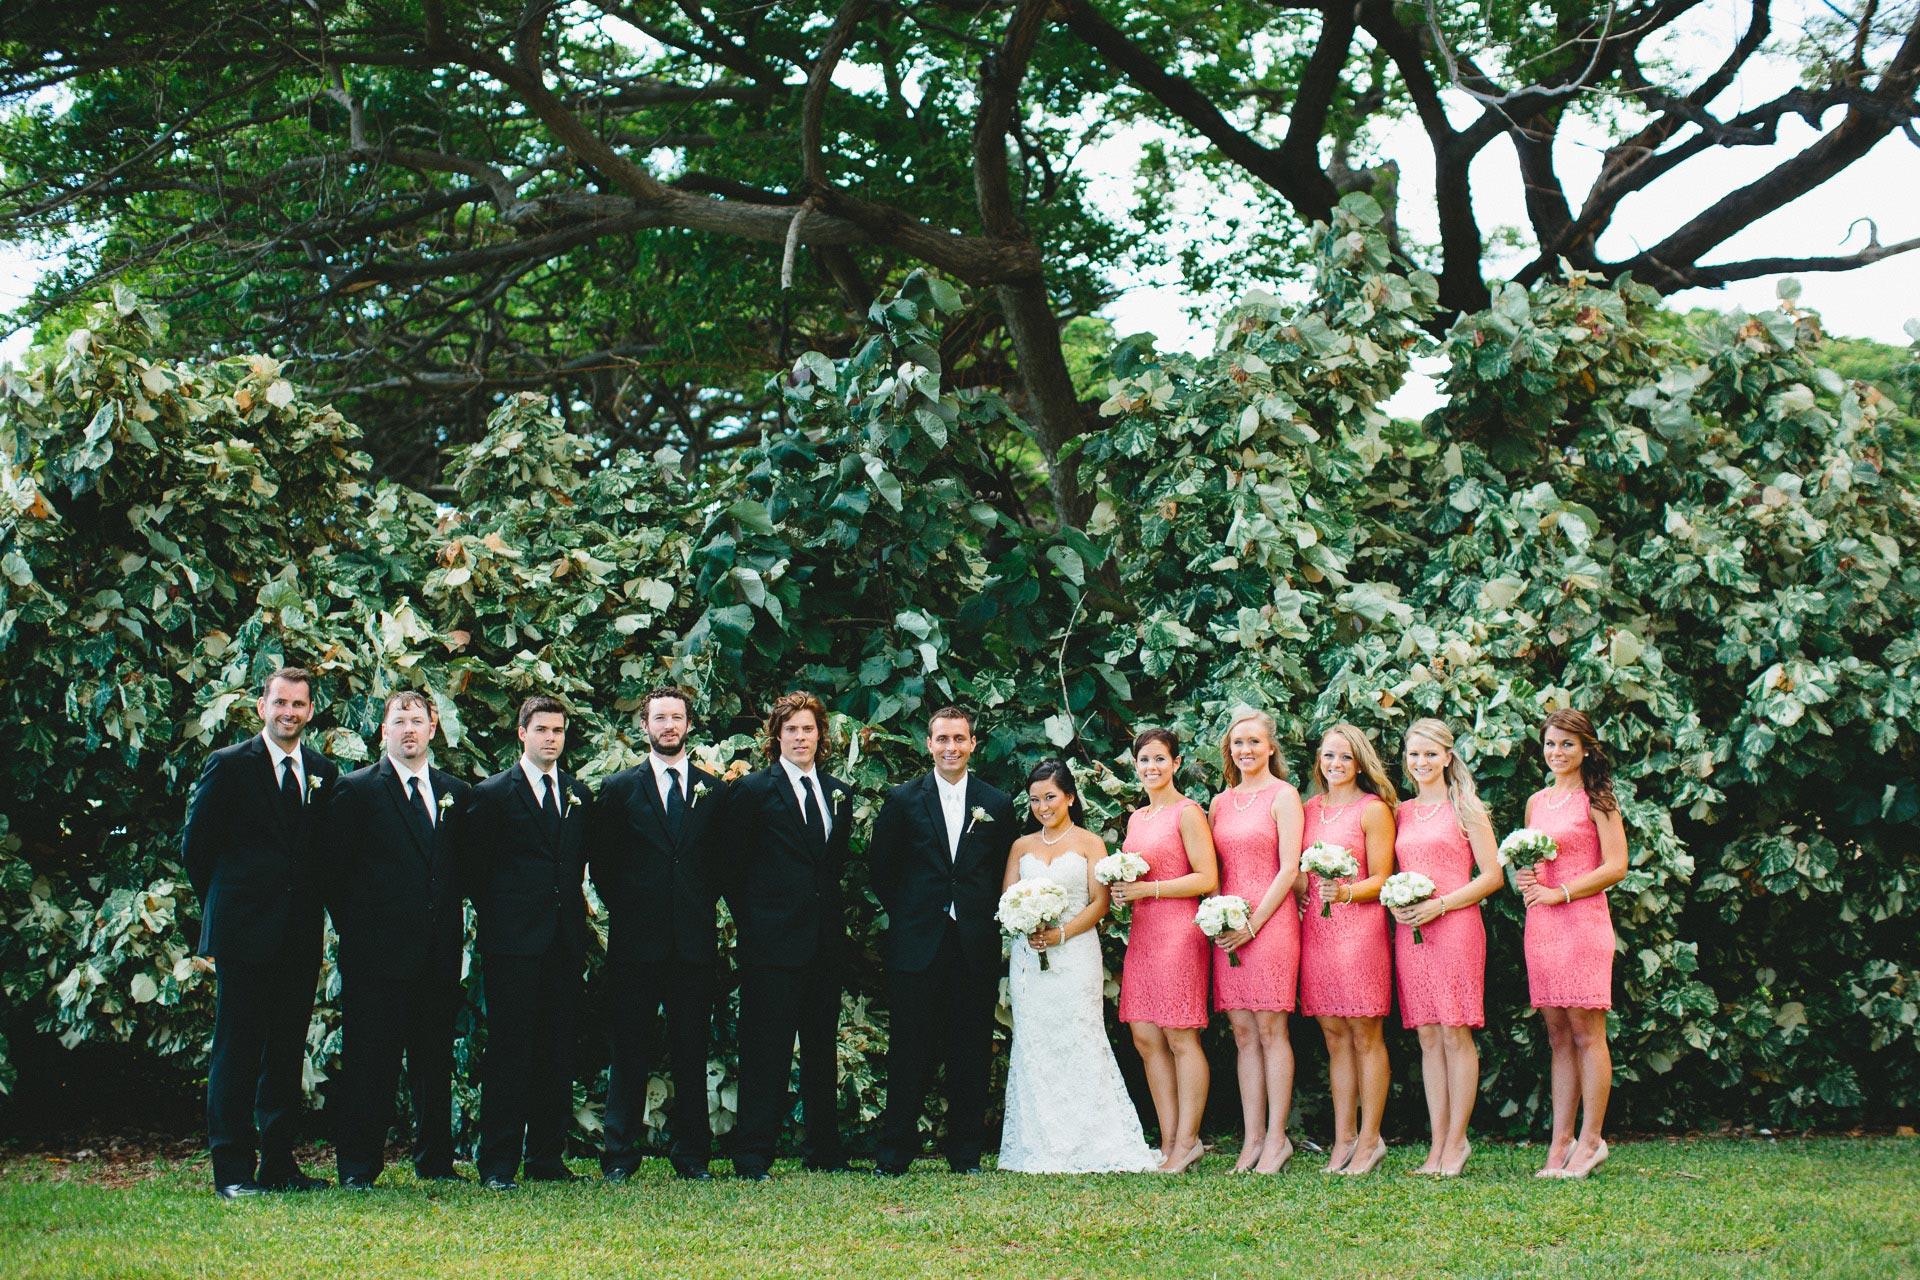 KW-Maui-Hawaii-Wedding-054@2x.jpg